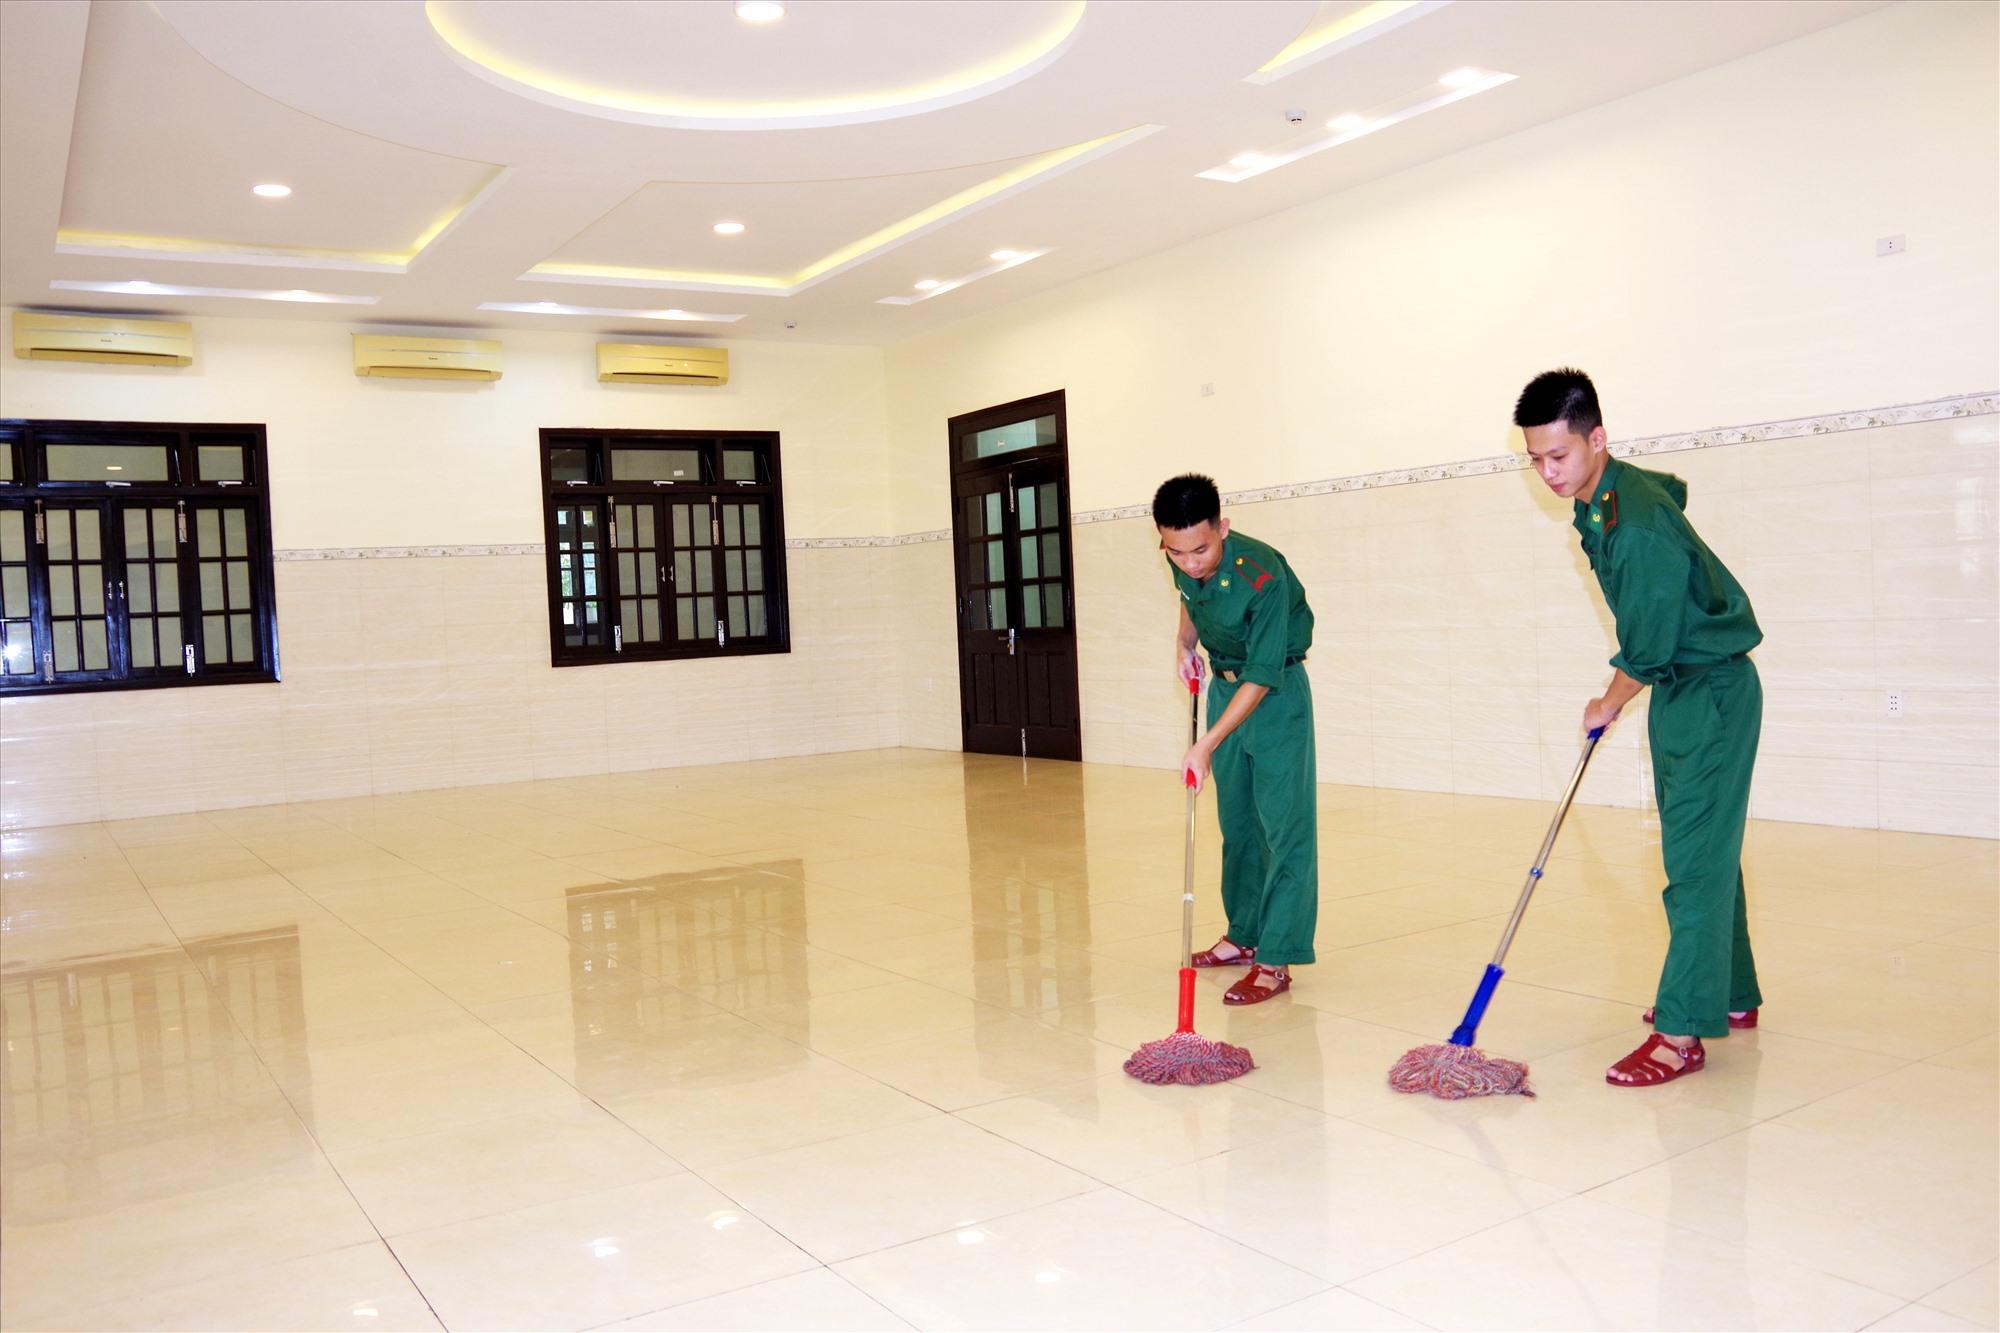 Các chiến sĩ Bộ Chỉ huy Bộ đội Biên phòng tỉnh lau dọn phòng sạch sẽ, chuẩn bị đón công dân đến trú bão. Ảnh: Đ.N